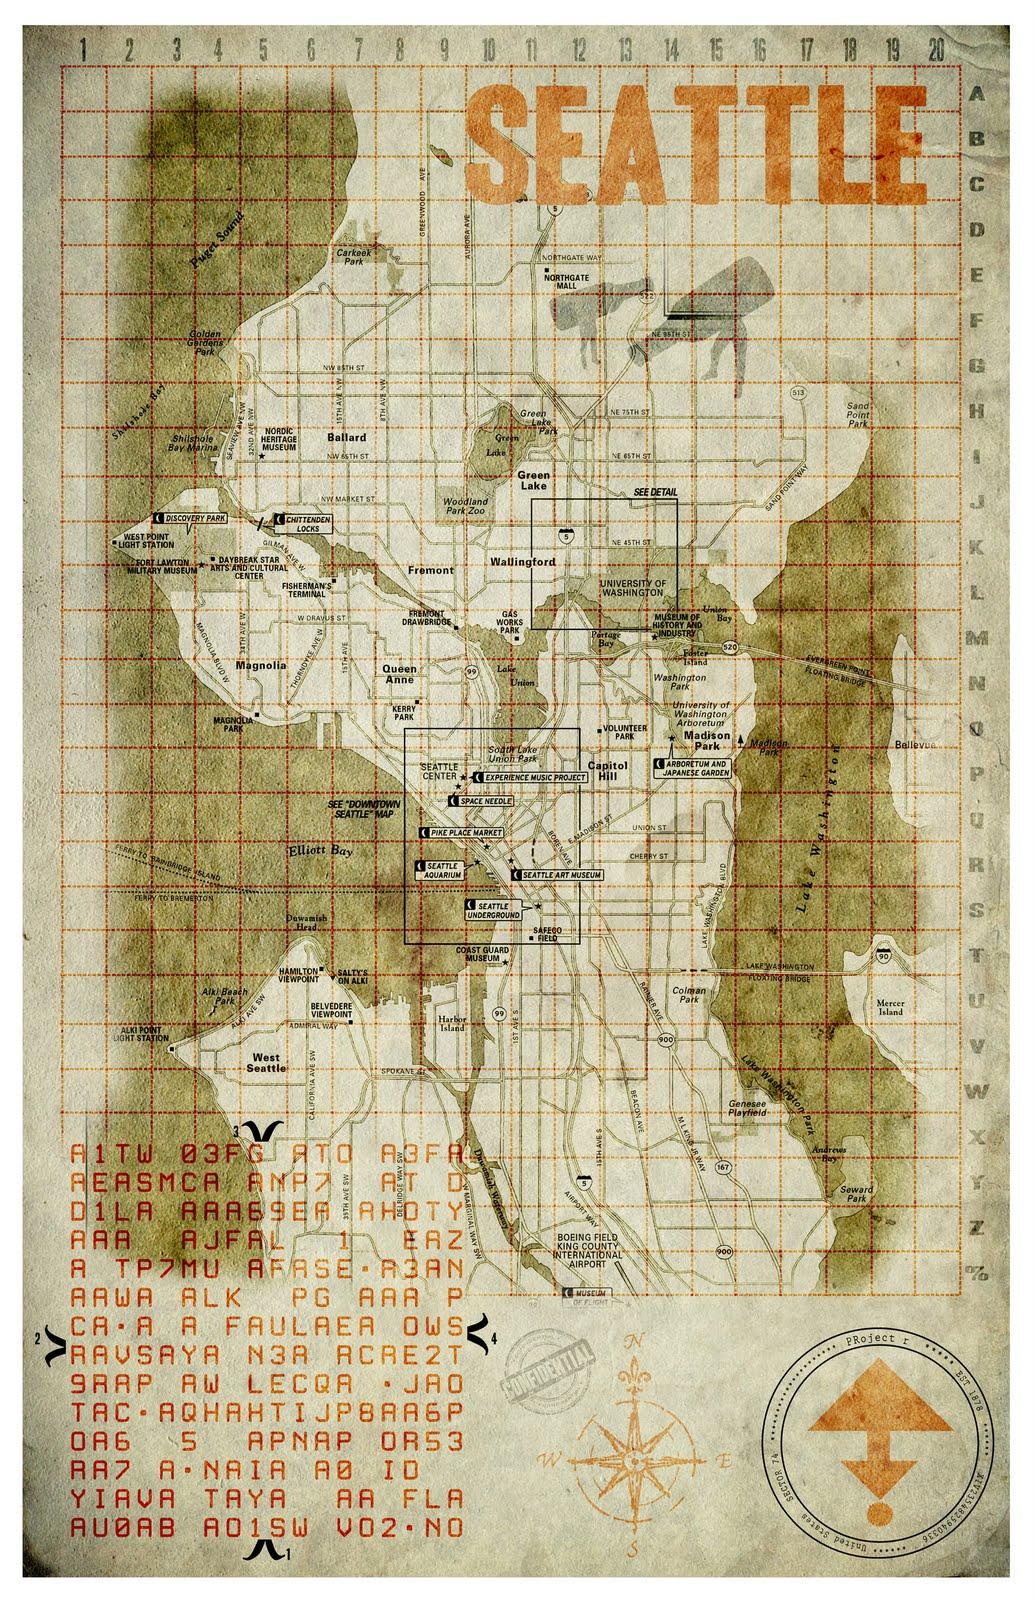 seattle map.jpg